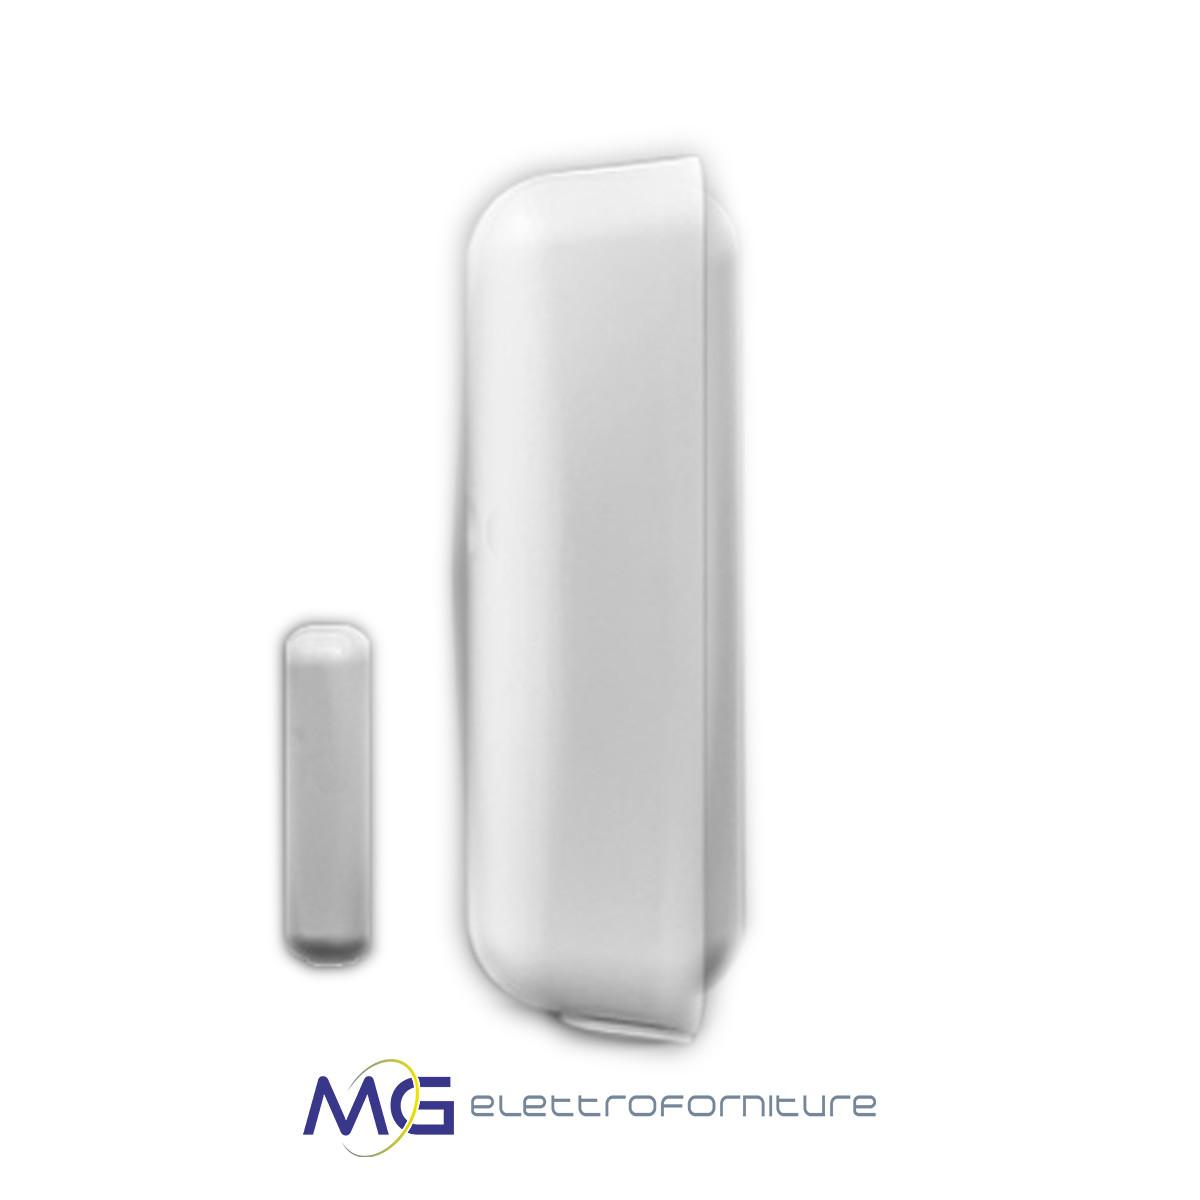 essegibi_3sense_plus_reed_magnetico_sensore_di_impatto_digitale_triassiale_accelerometro_bianco_marrone_mg_elettroforniture_prezzo_basso_migliore_3